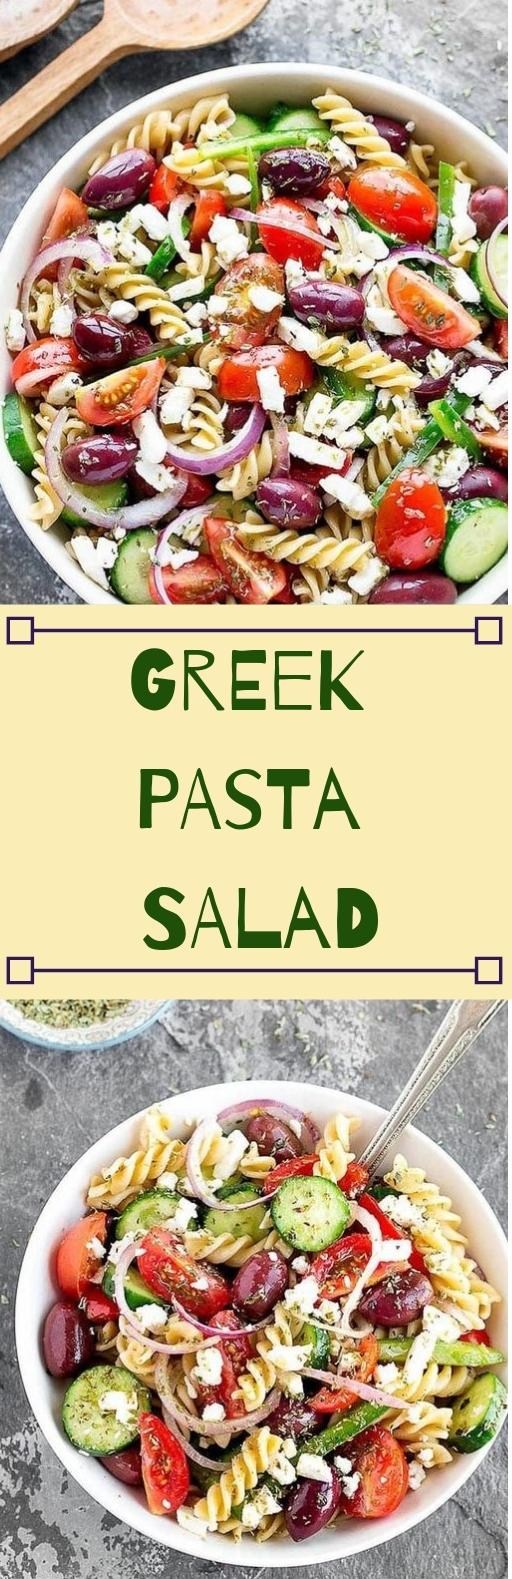 EASY GREEK PASTA SALAD #salad #healthy